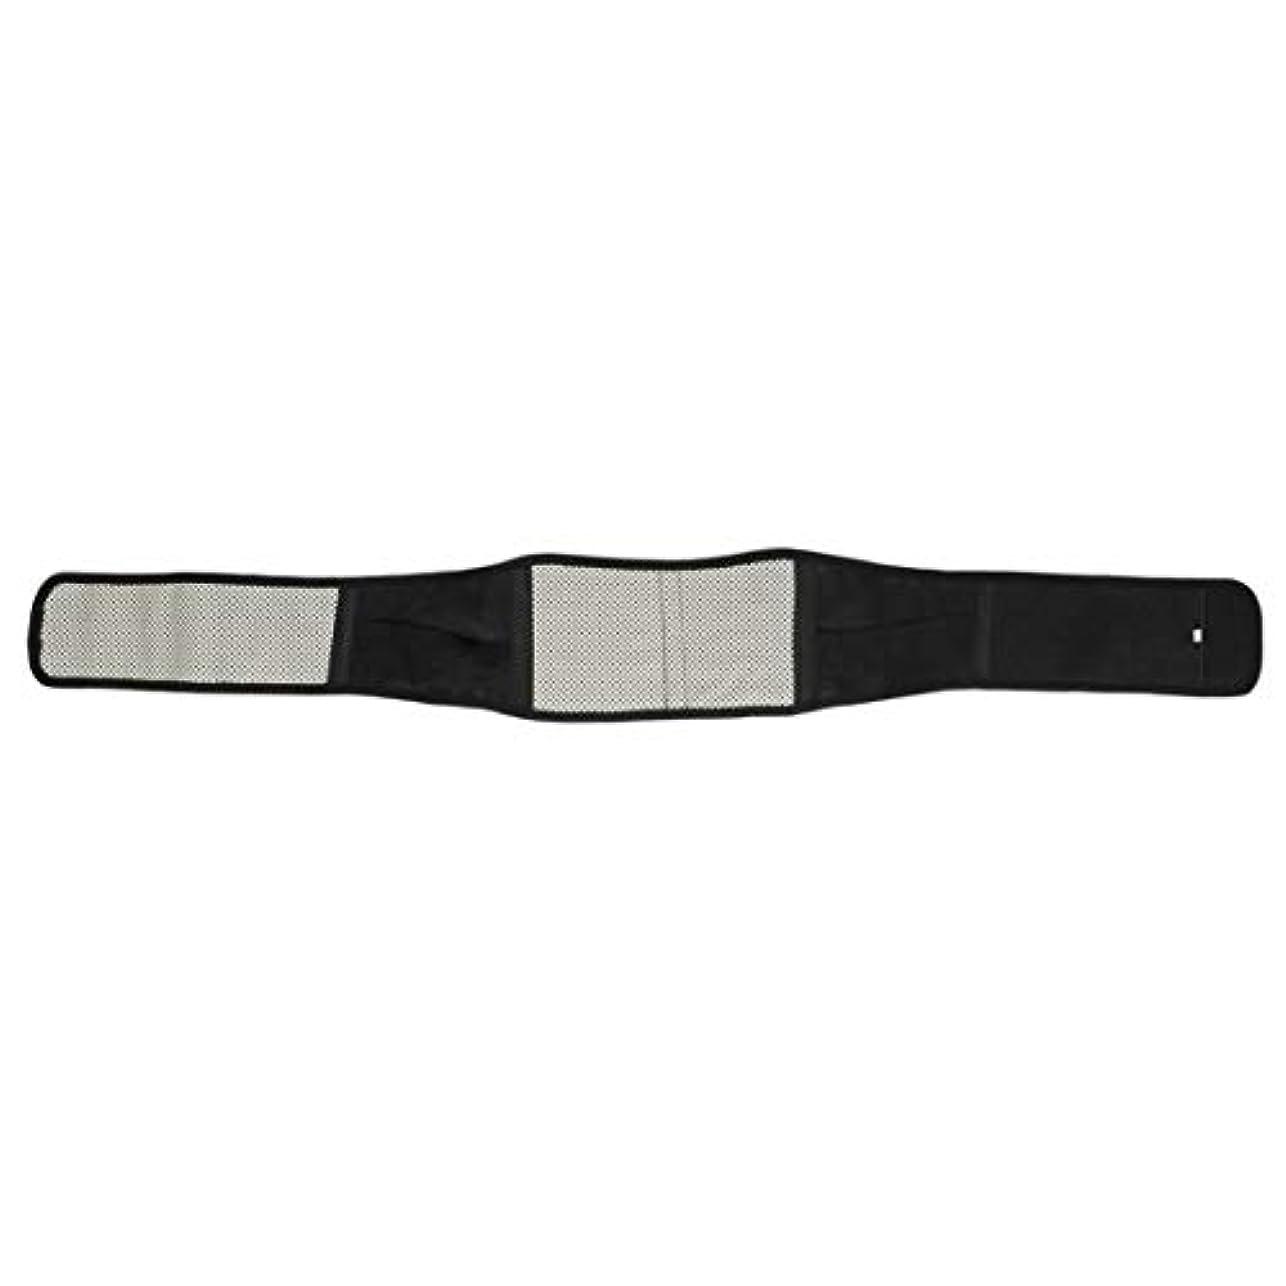 腰部サポートマッサージャー赤外線磁気バックブレース自己発熱療法ウエストベルト調節可能な姿勢ベルト-ブラックM